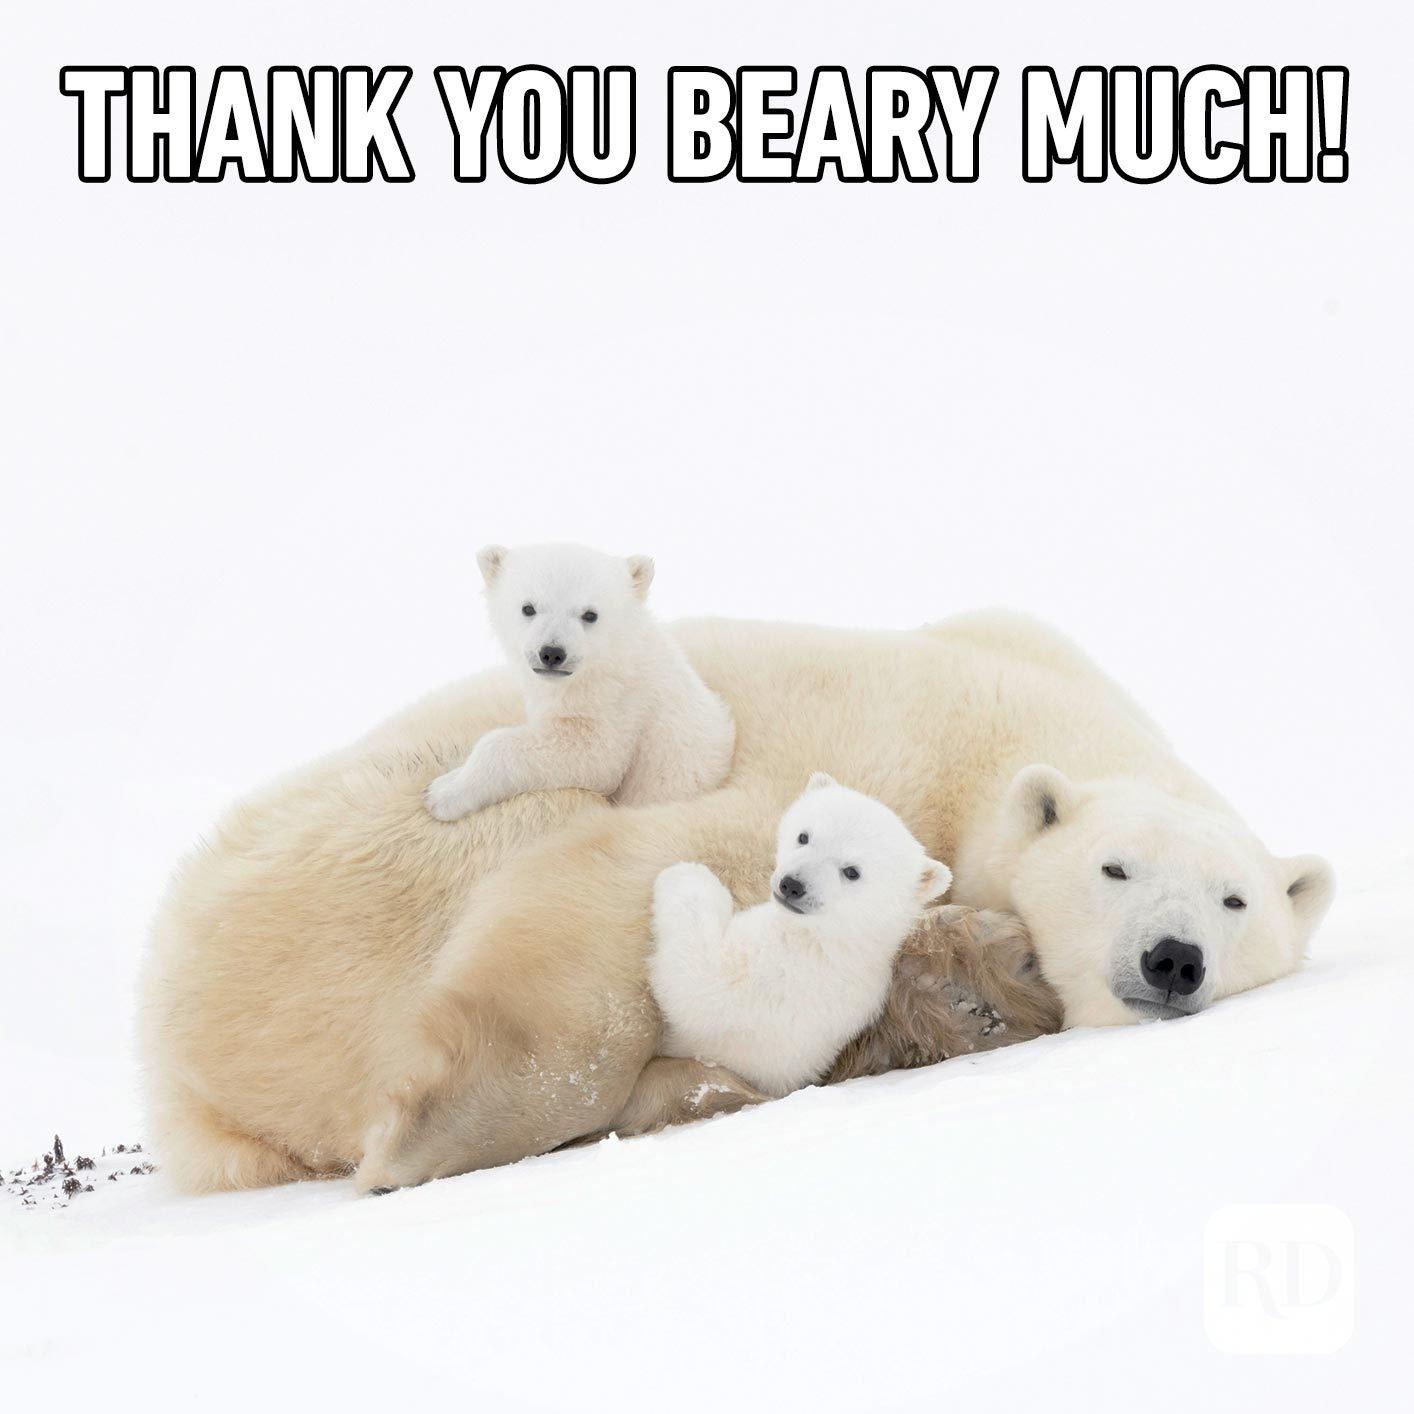 Polar bear family. Meme text: Thank you beary much!